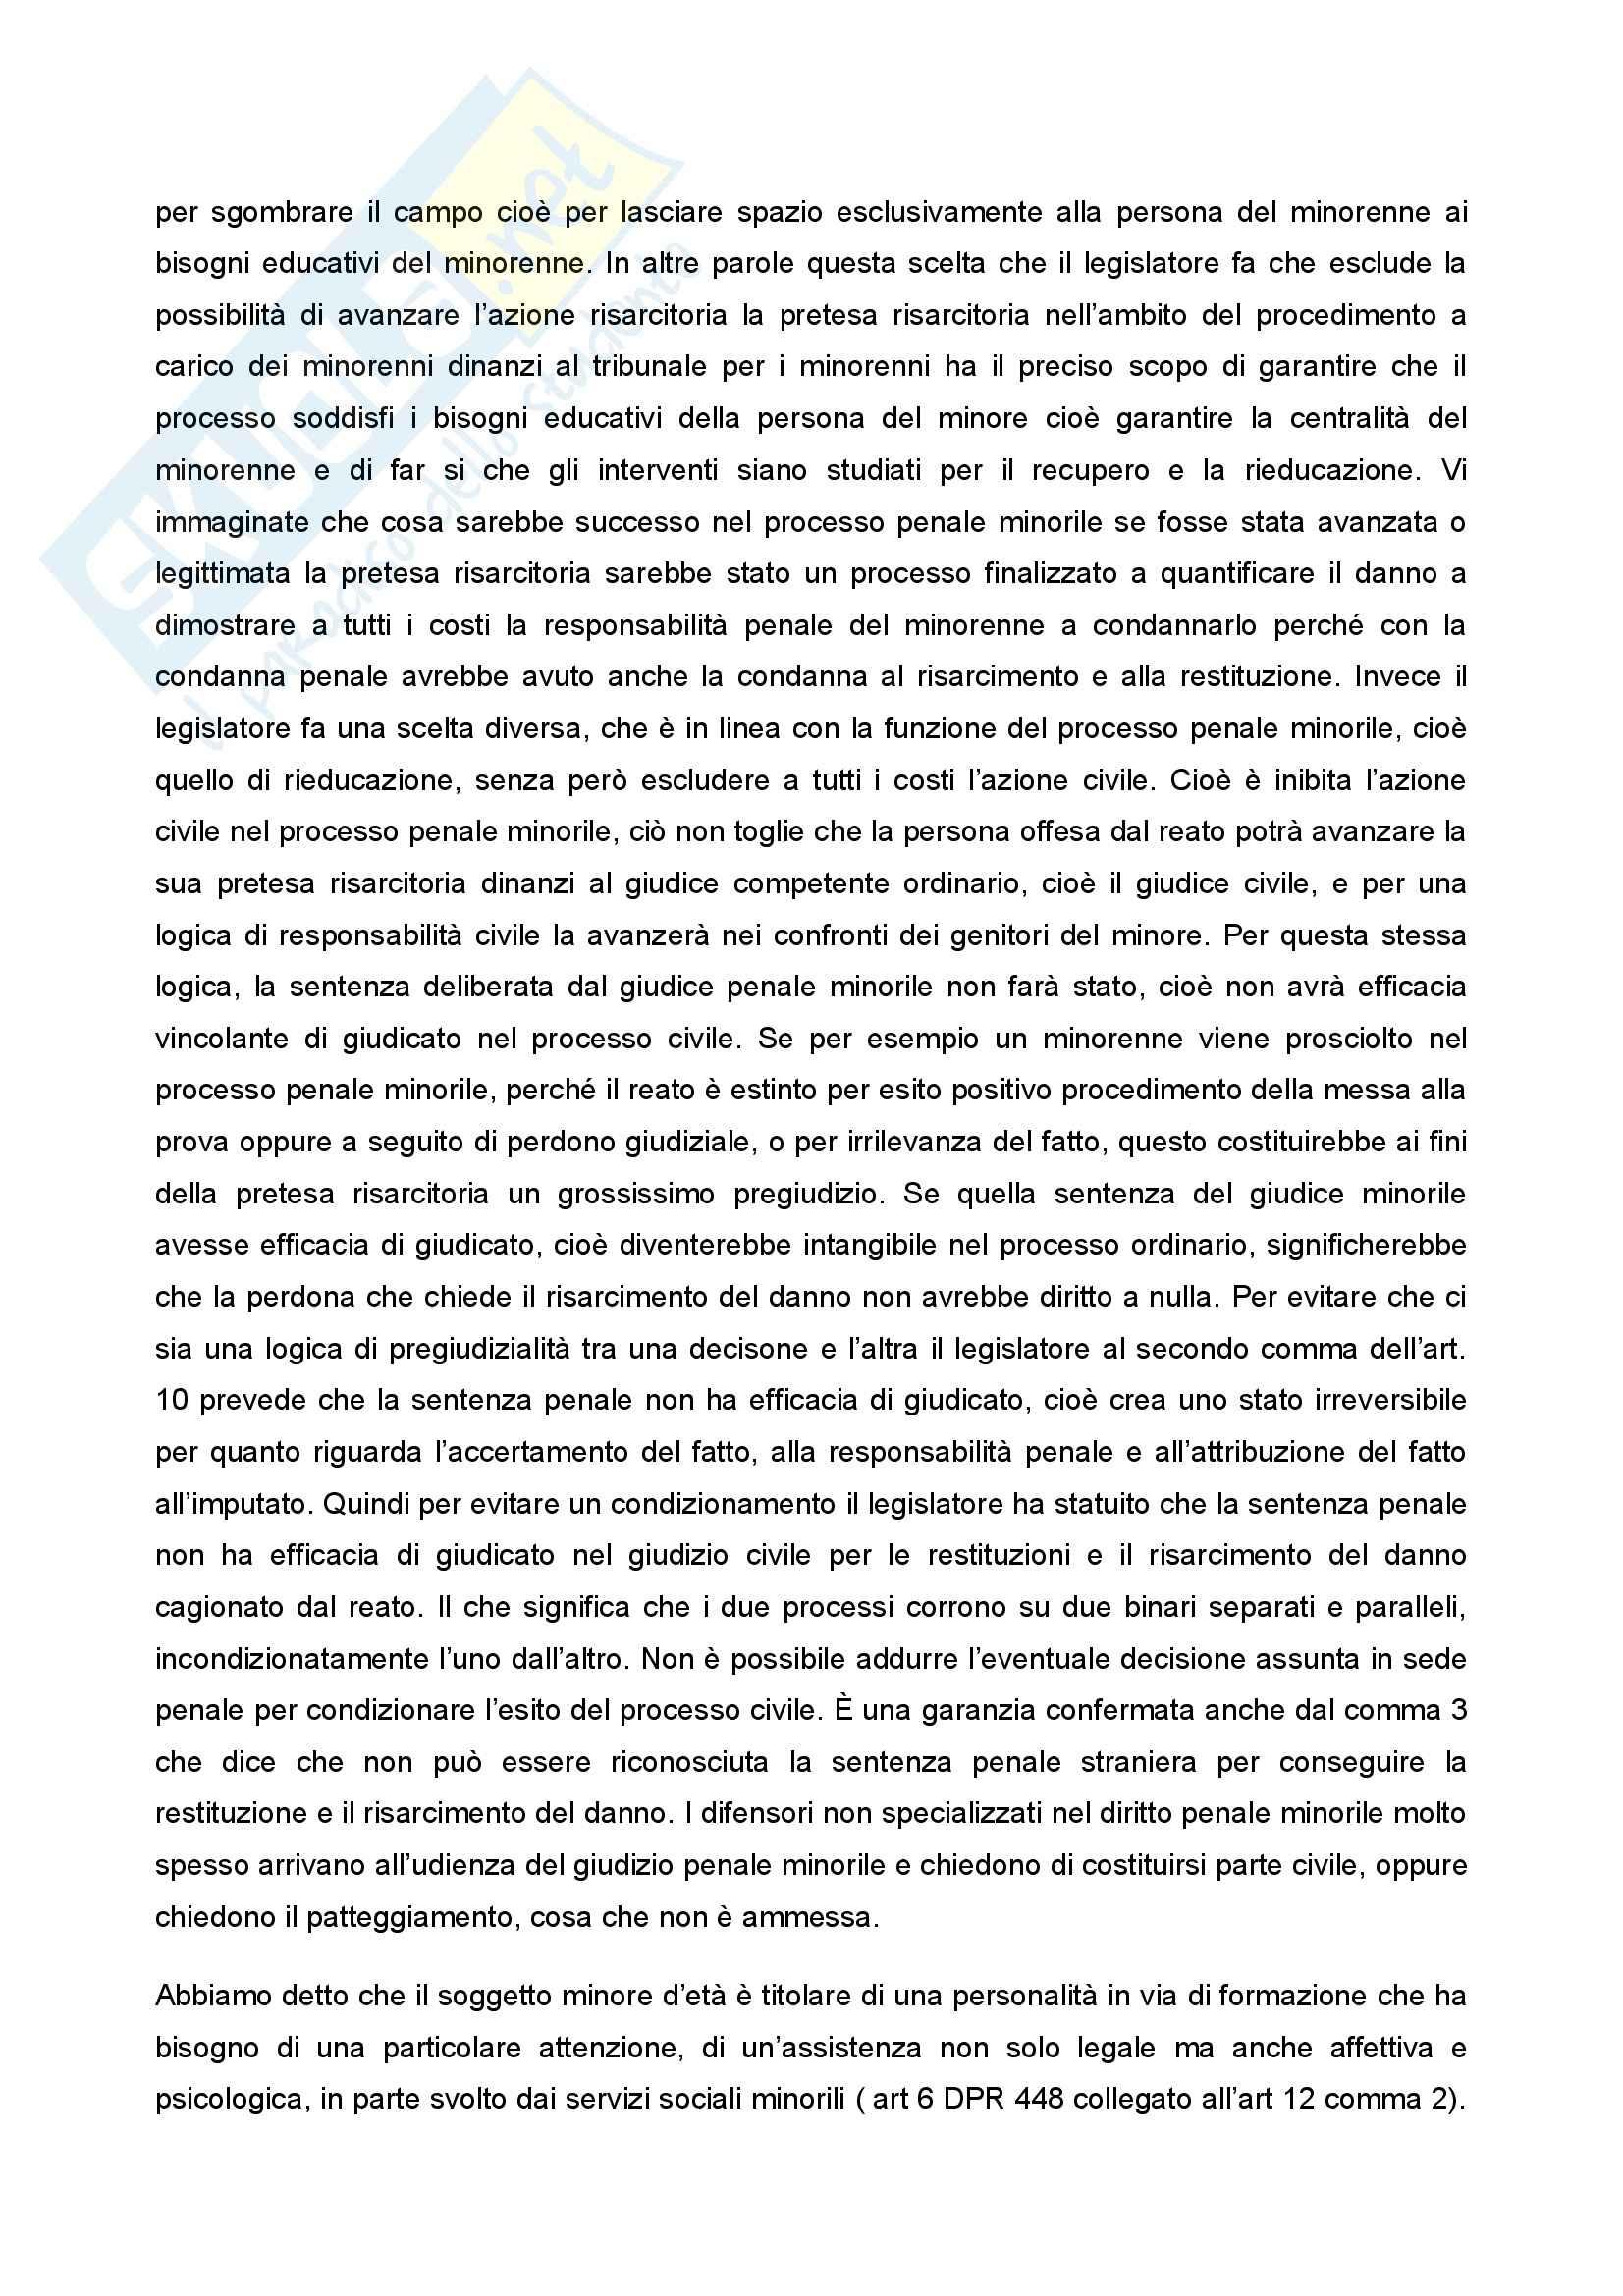 Diritto penale minorile - Corso completo Pag. 56